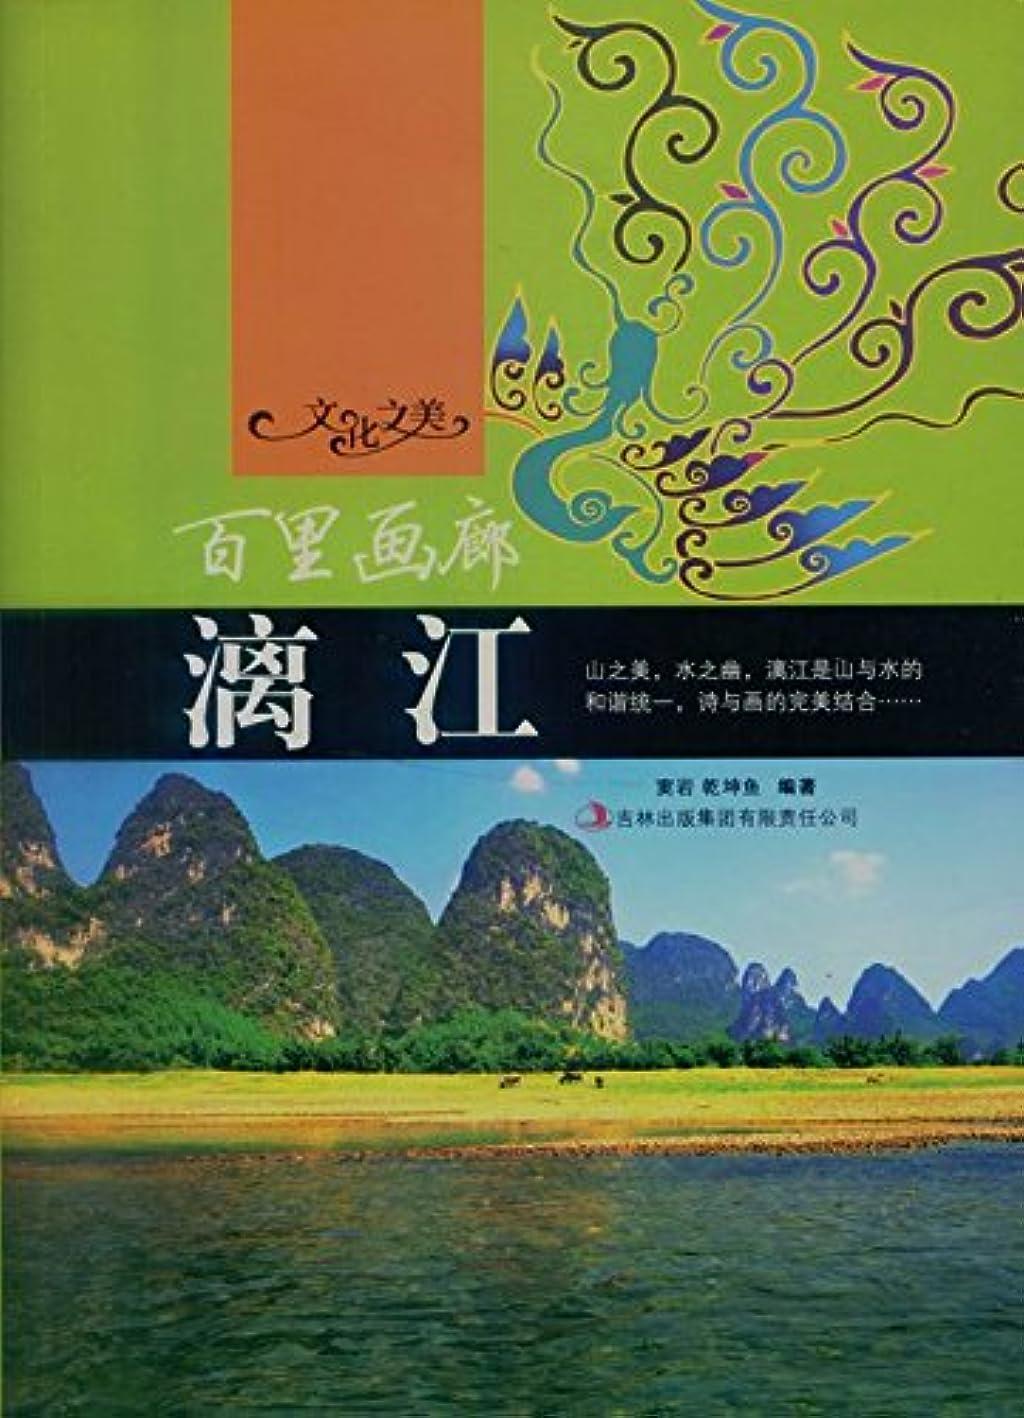 懐疑的エレメンタルキュービック百里画廊——漓江 (Chinese Edition)